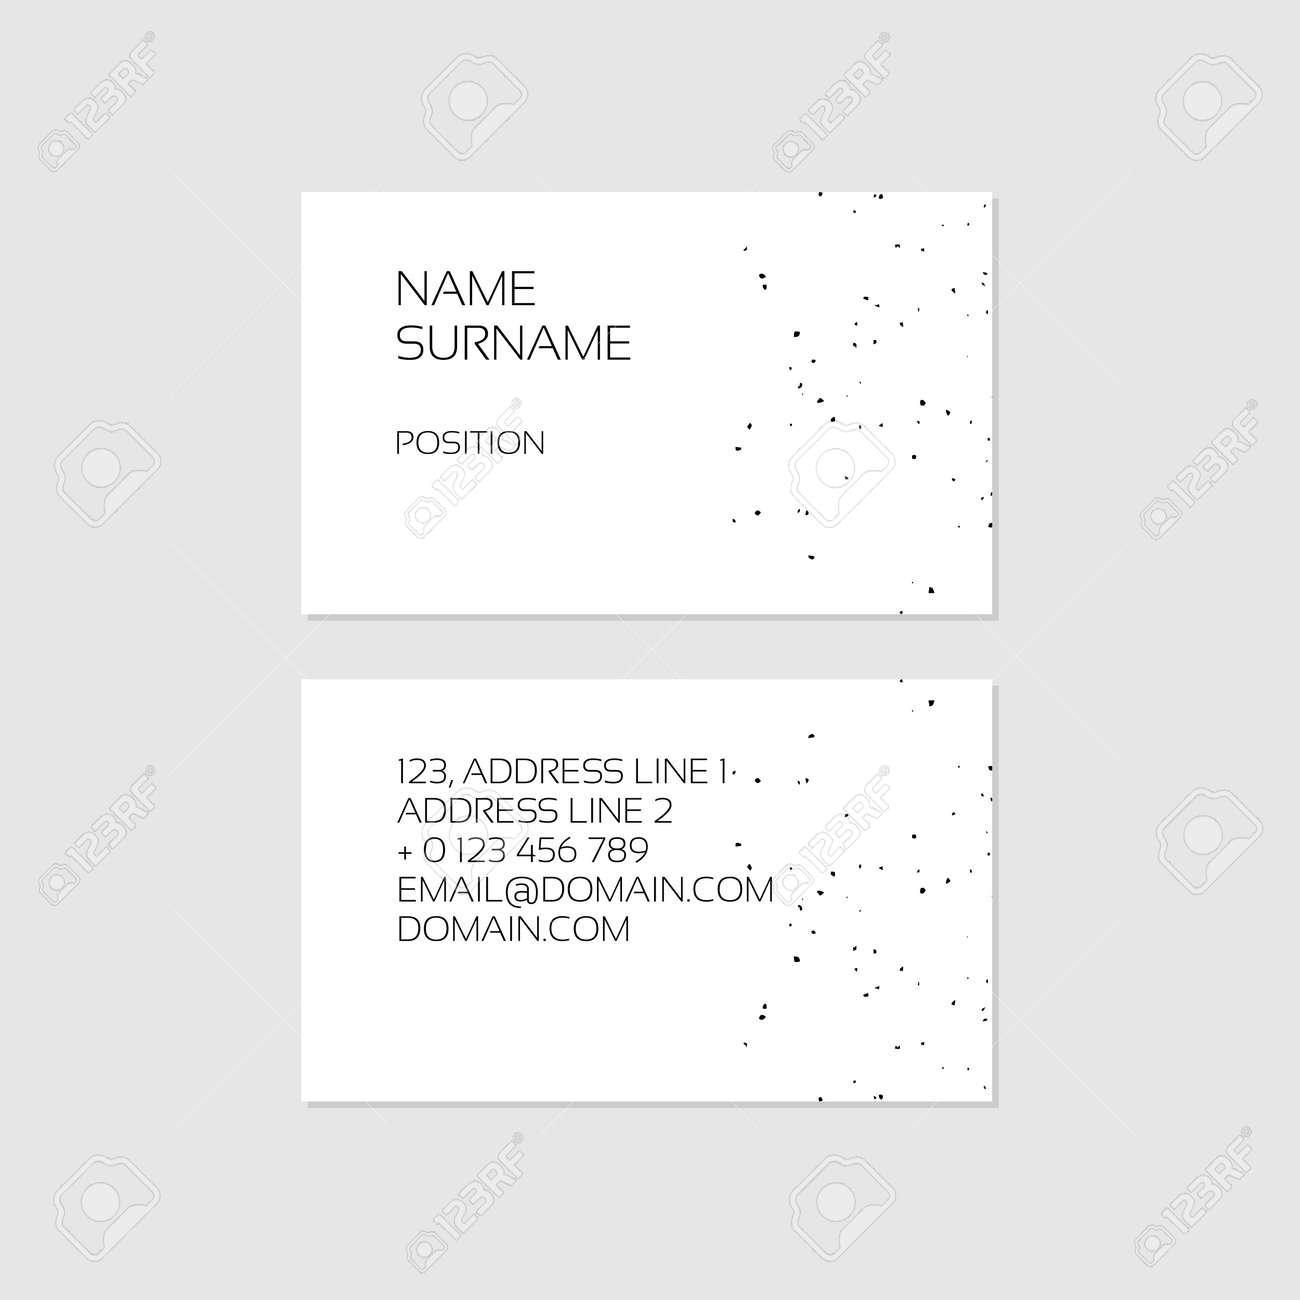 Fantastisch Grundlegende Visitenkarteschablone Fotos - Beispiel ...